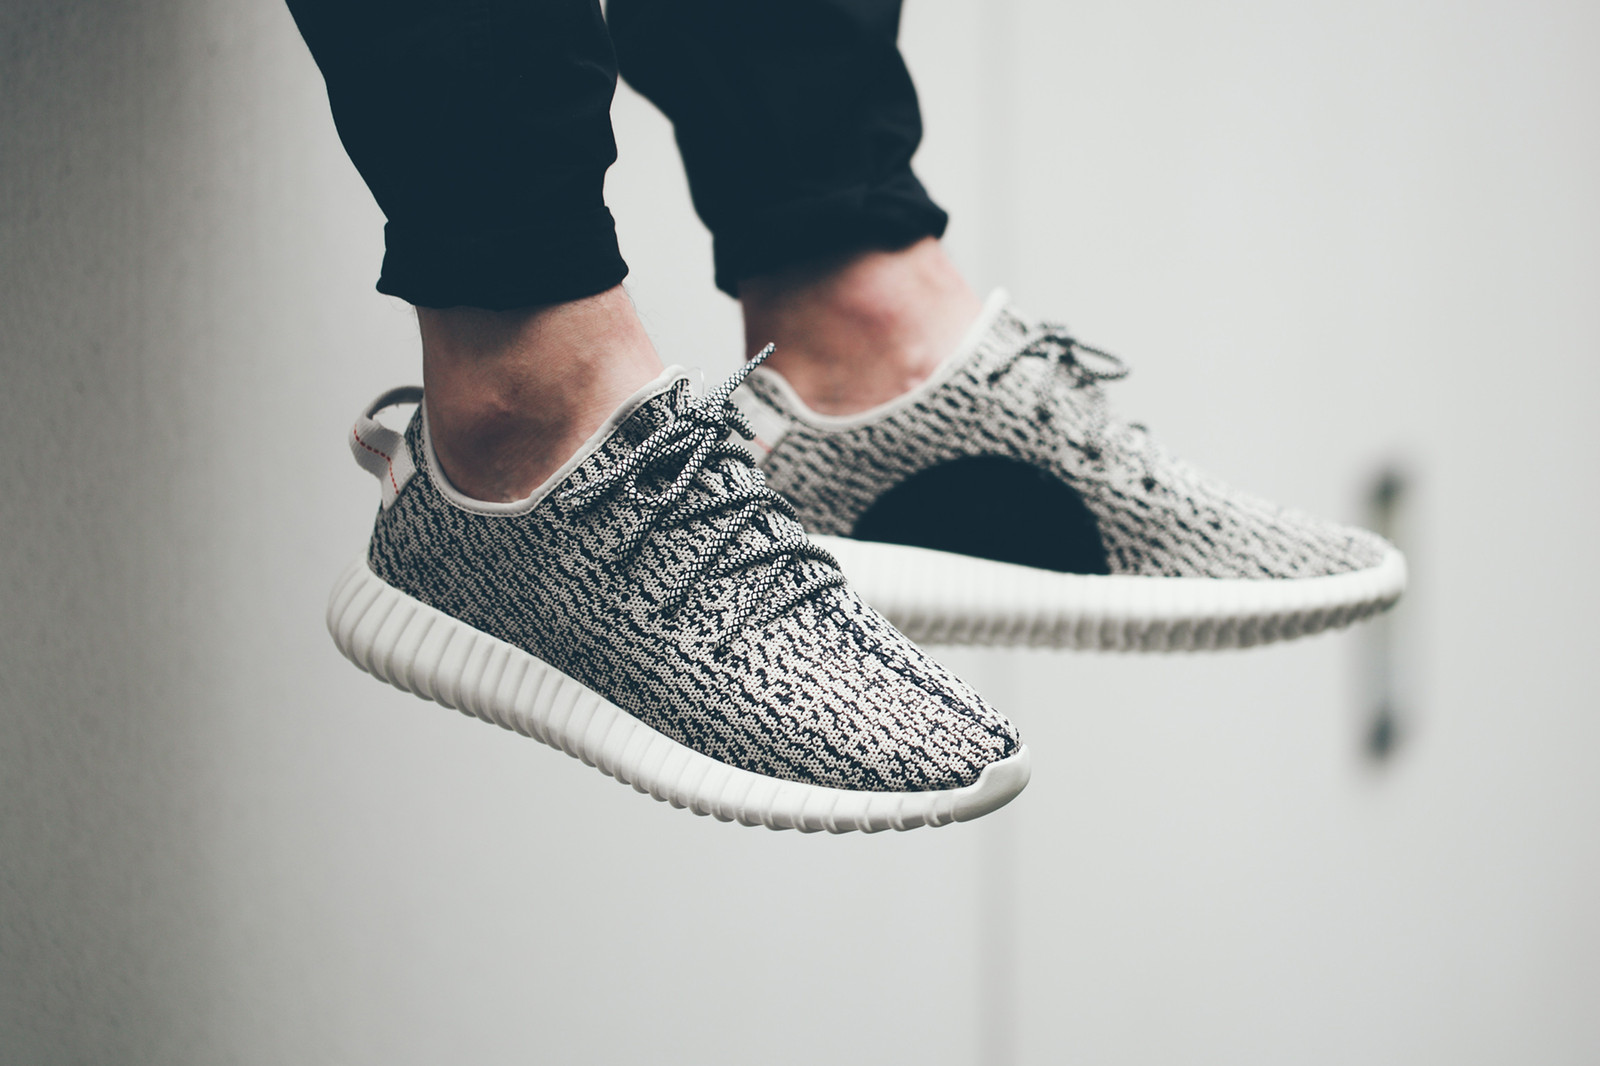 adidas-calls-out-yeezytalk-worlwide-0